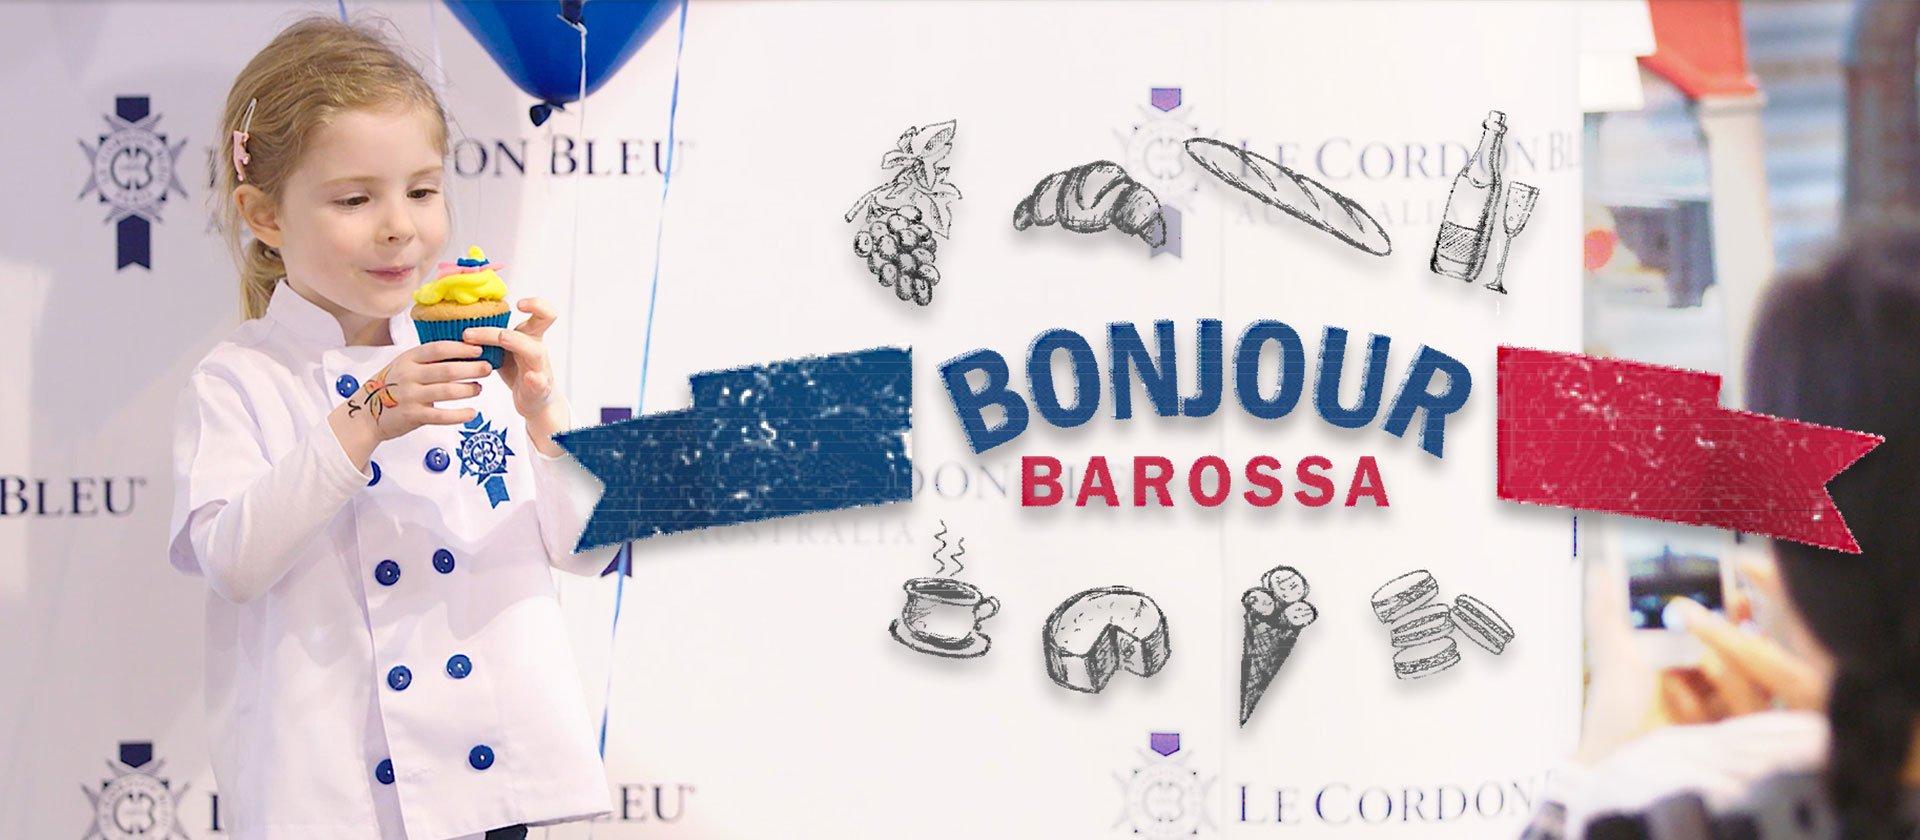 Le Cordon Bleu Adeladie at Bonjour Barossa